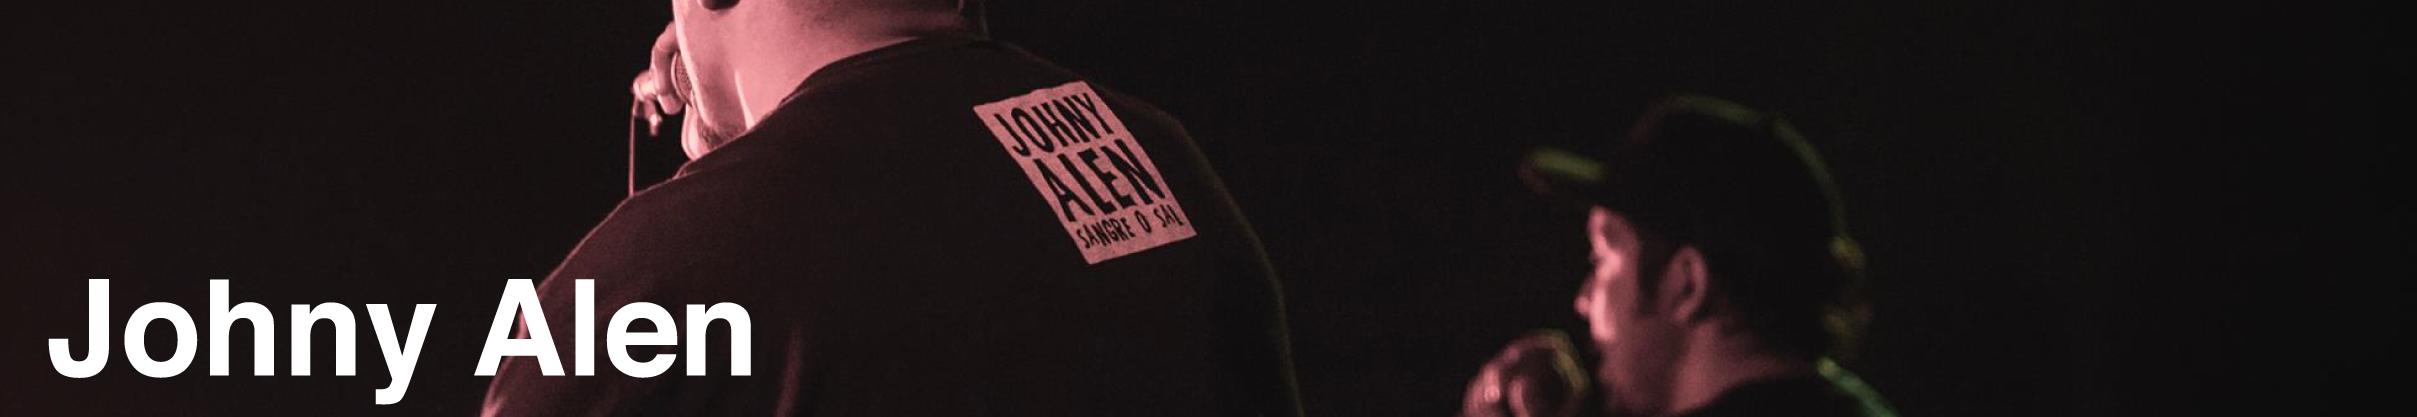 johny-alen-horizontal-01